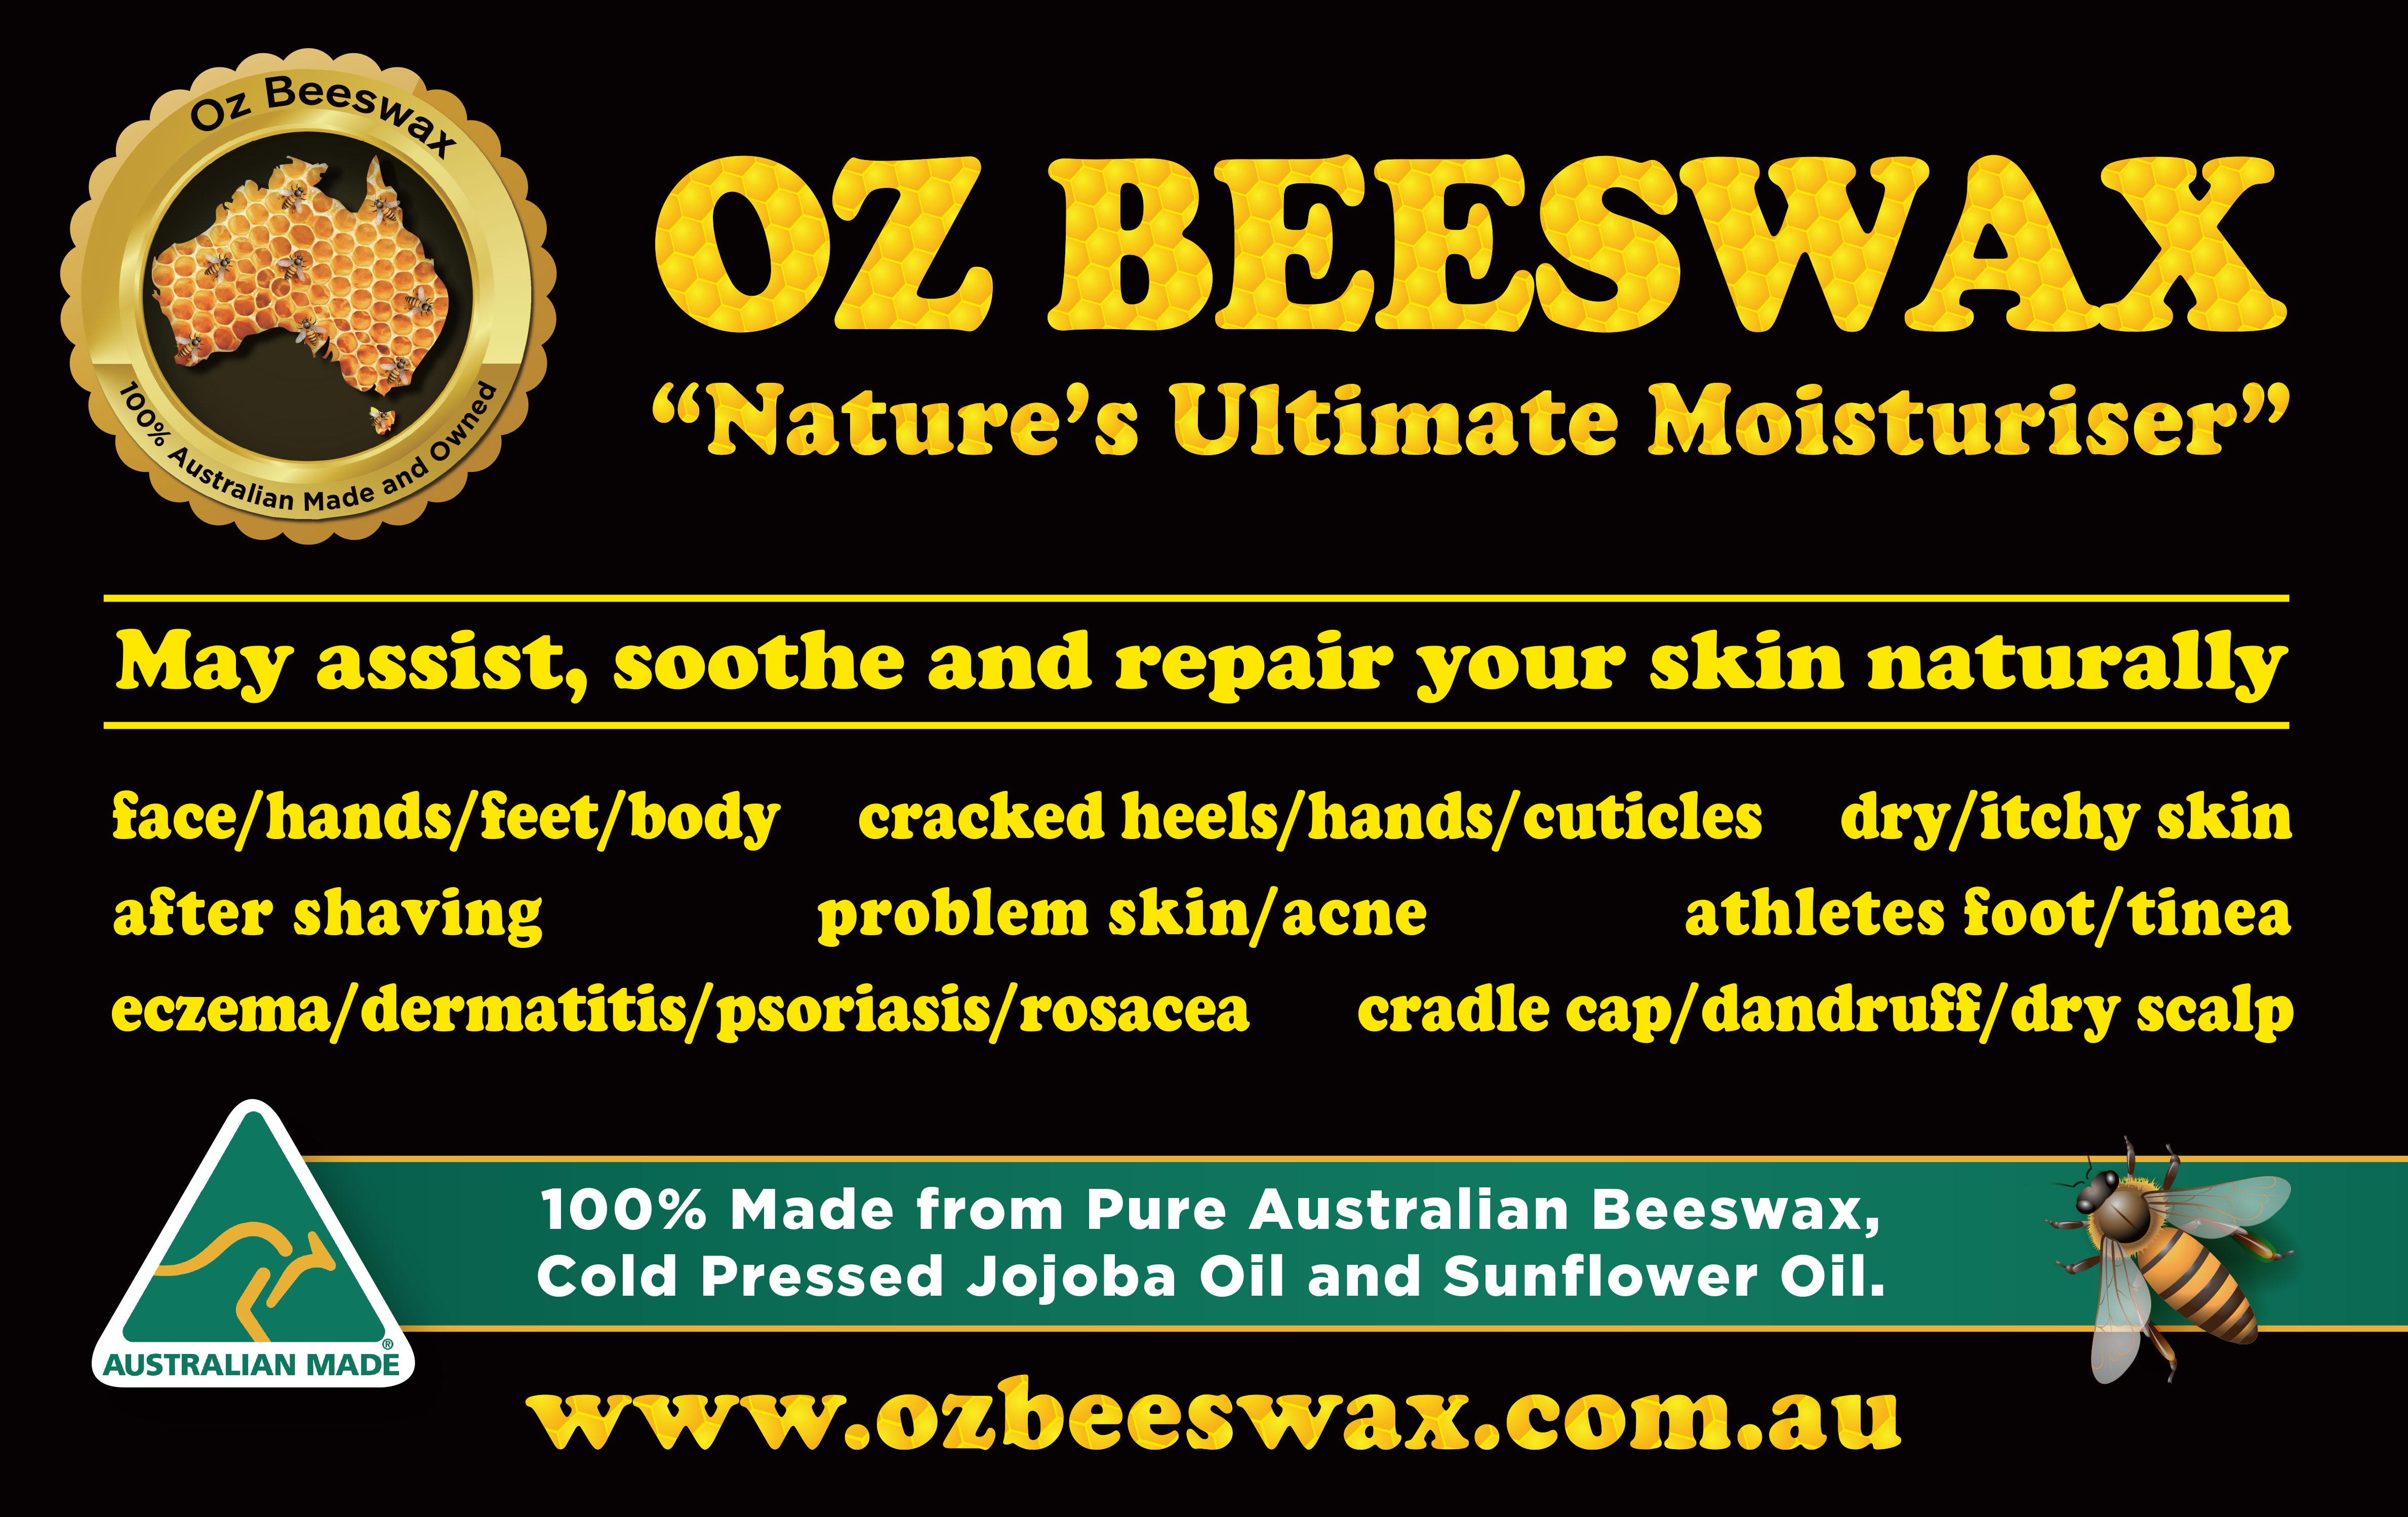 Oz Beeswax